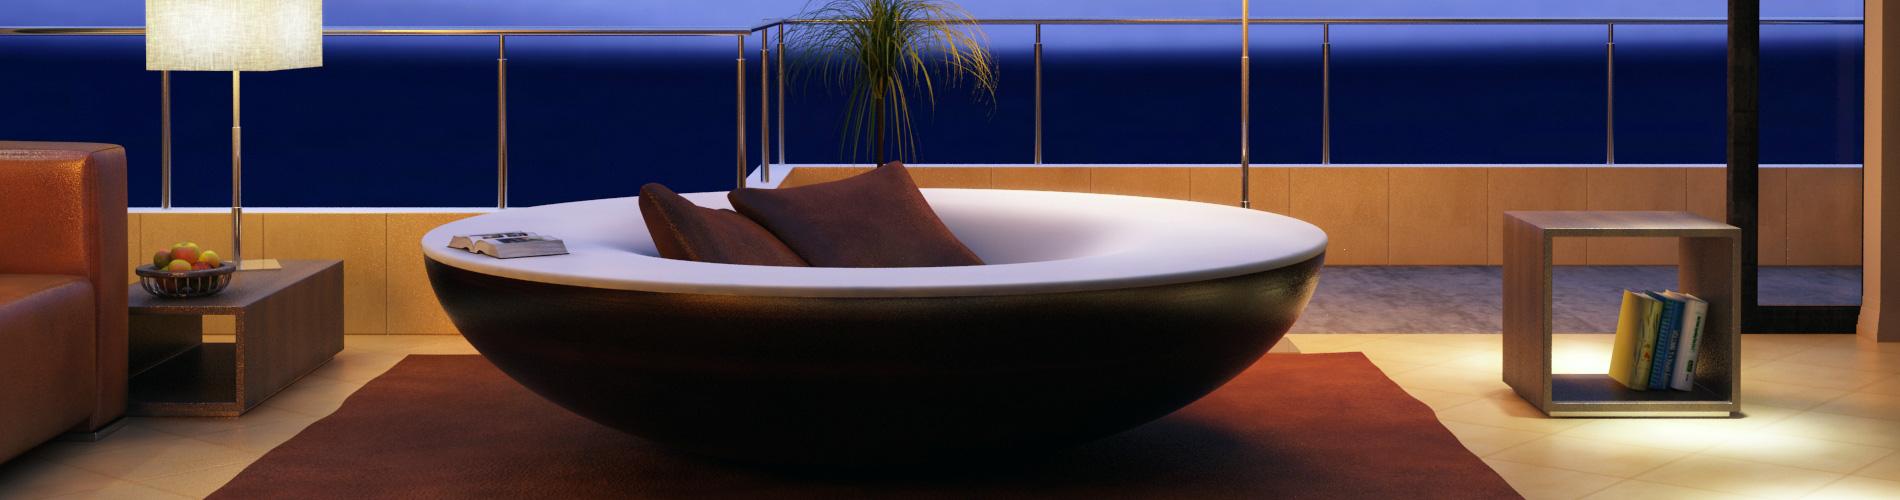 seduta oasi design